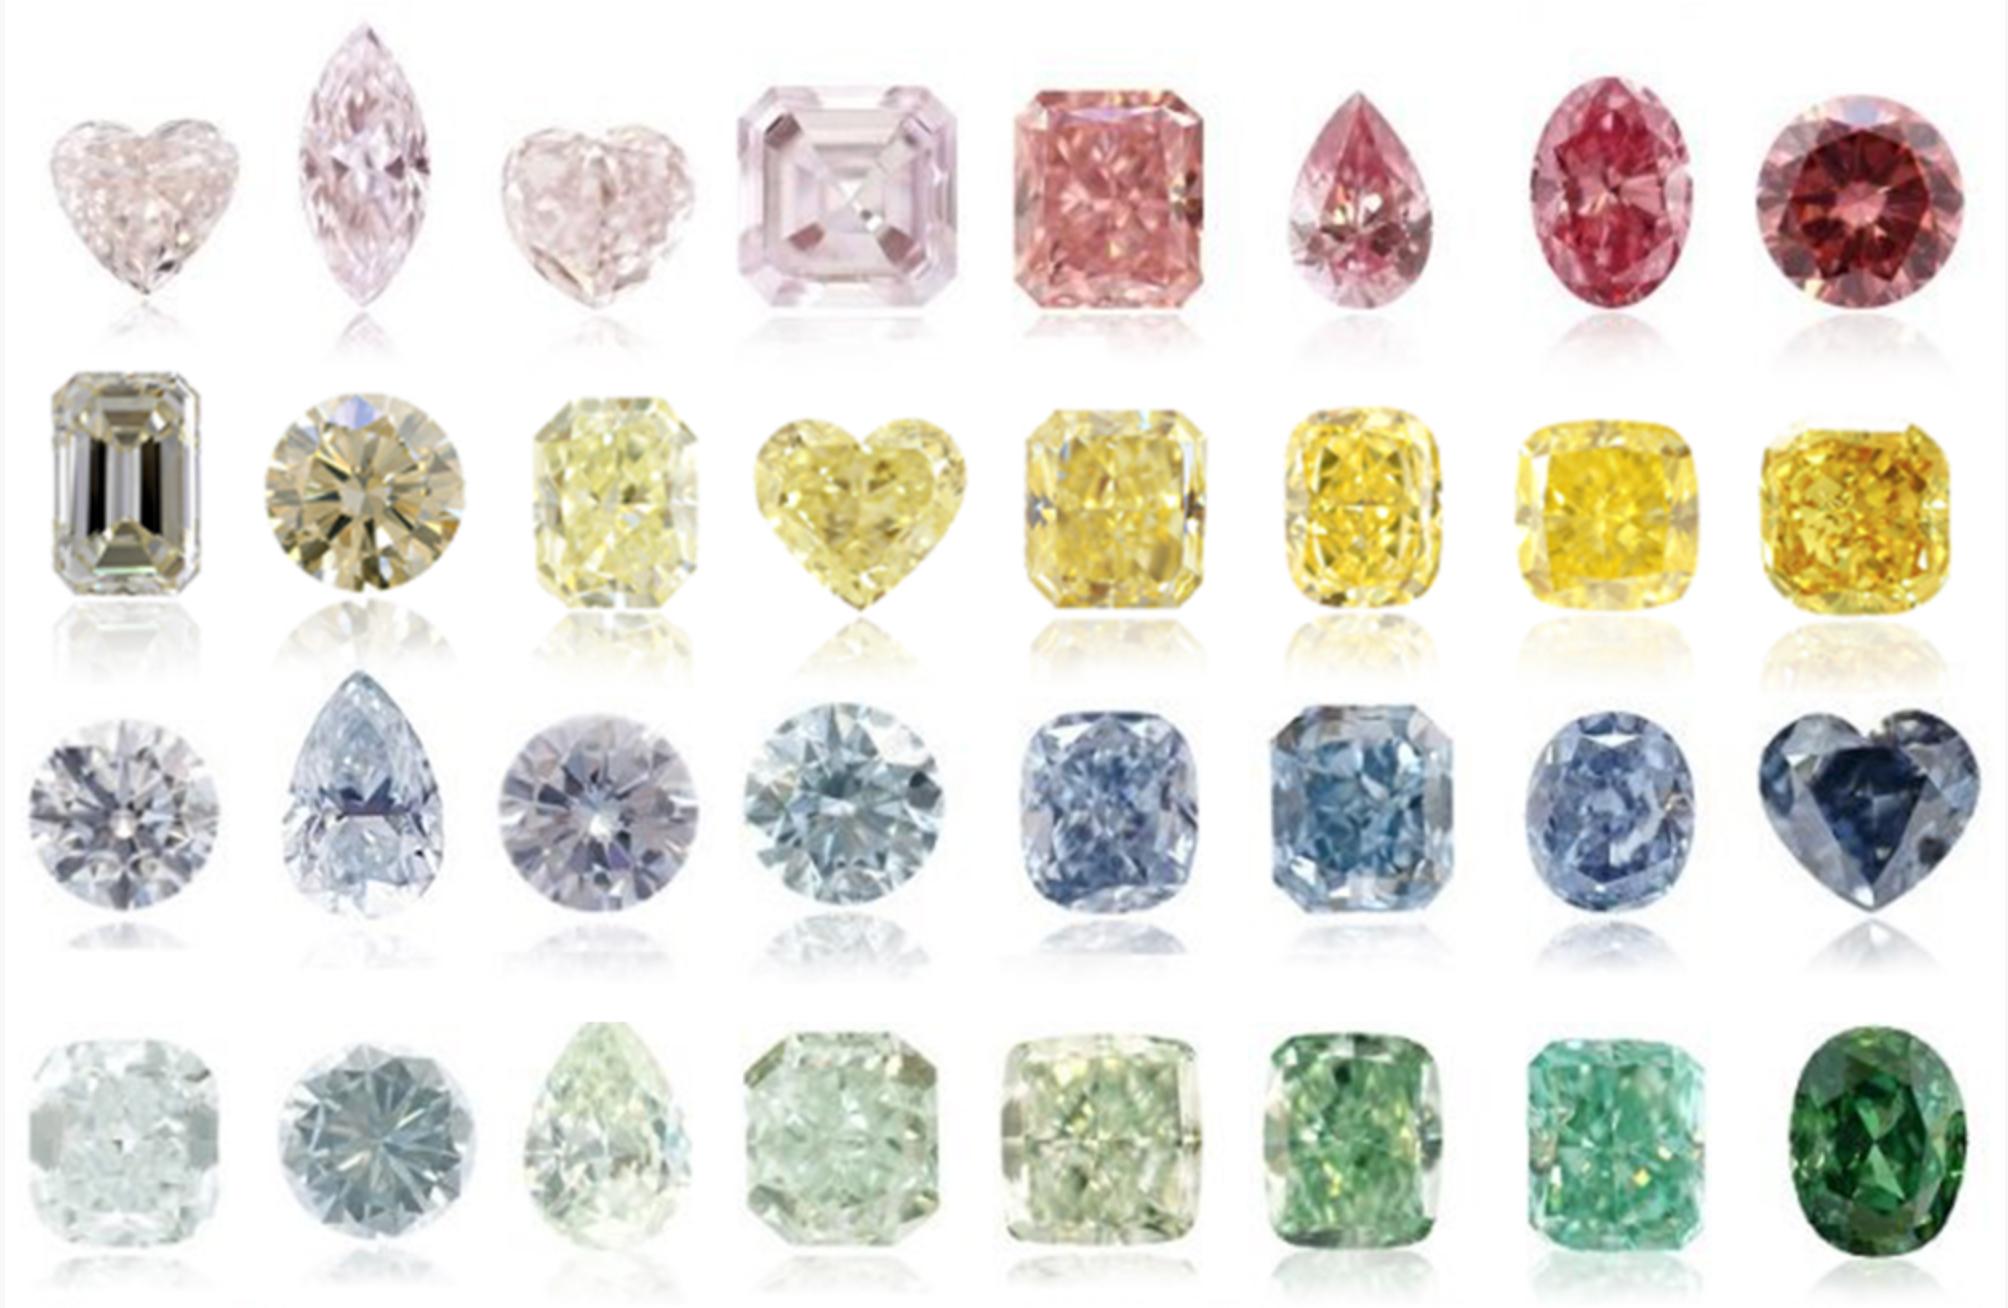 Galeria diamentów o różnych kształtach i nasyceniu kolorów